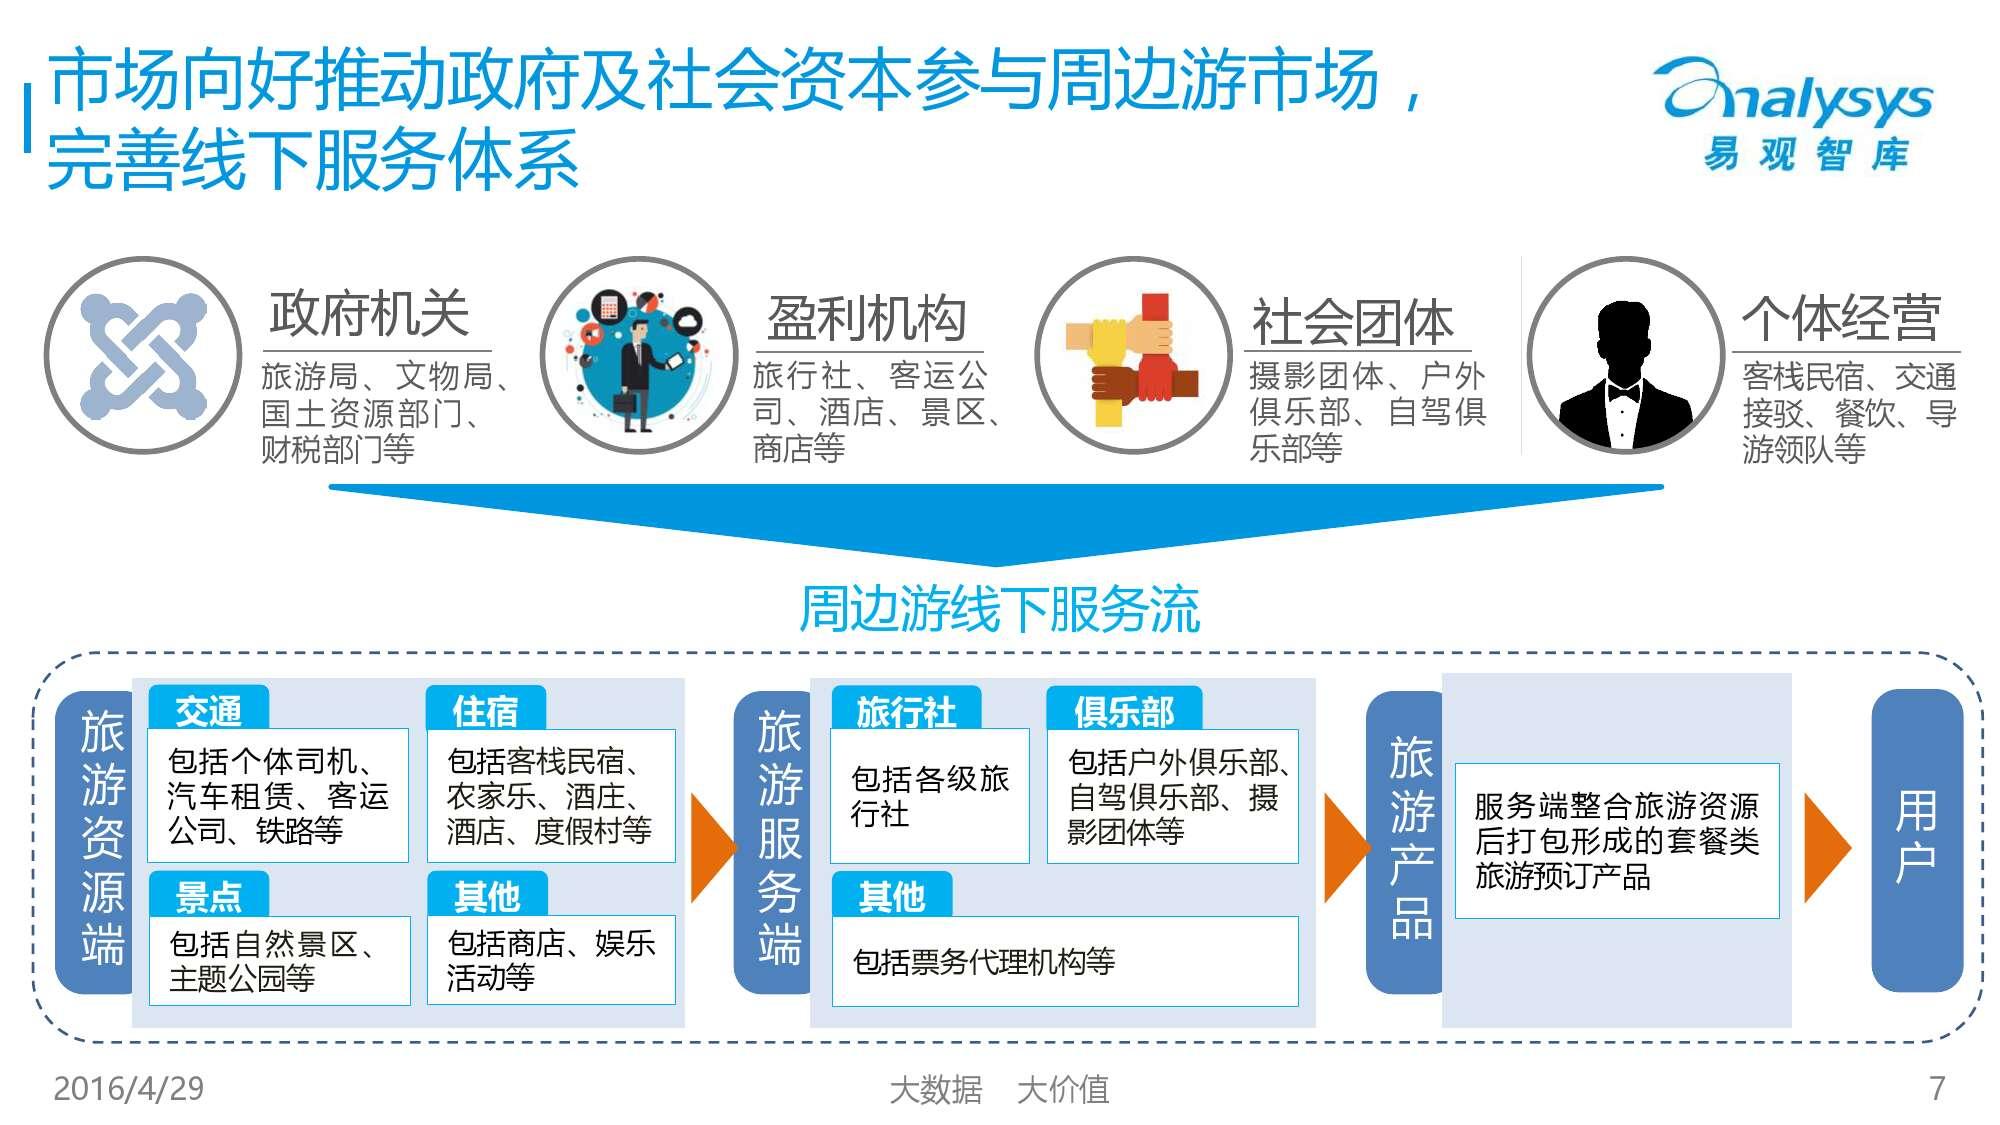 中国在线周边自助游市场专题研究报告2016_000007